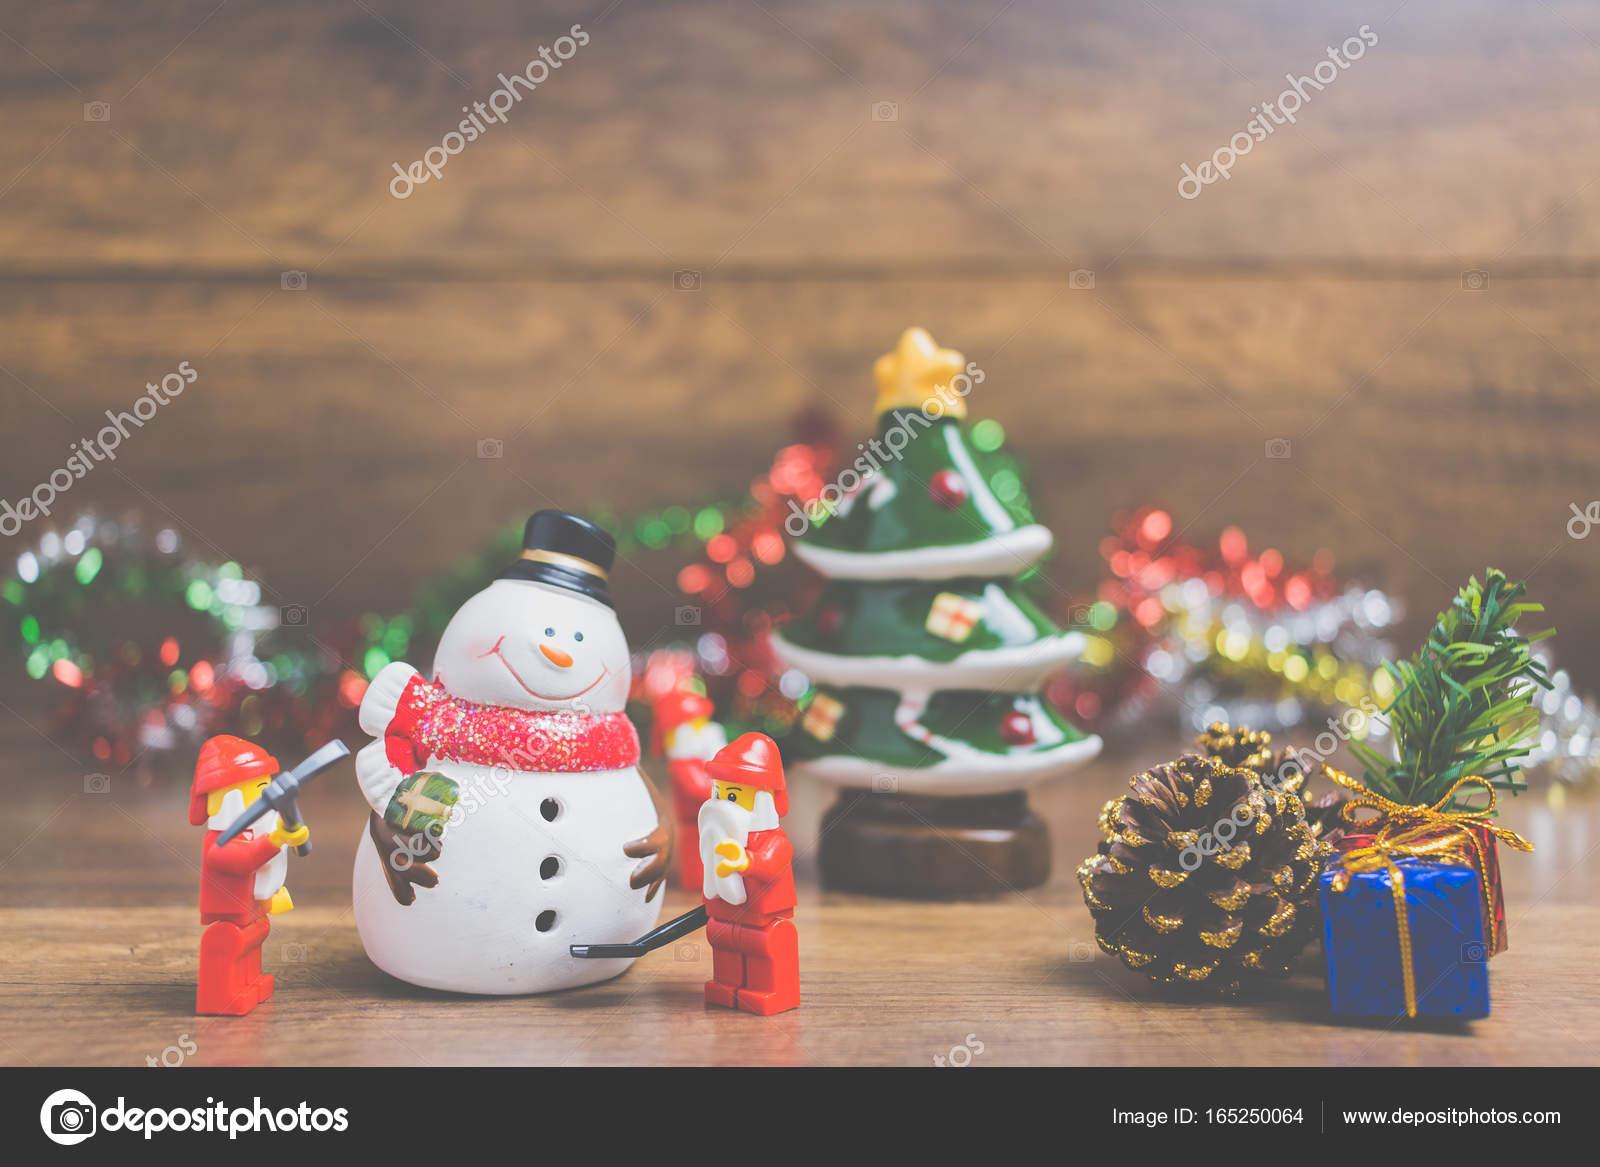 Santa Claus LEGO Minifigur mit Weihnachtsszene auf hölzernen ...